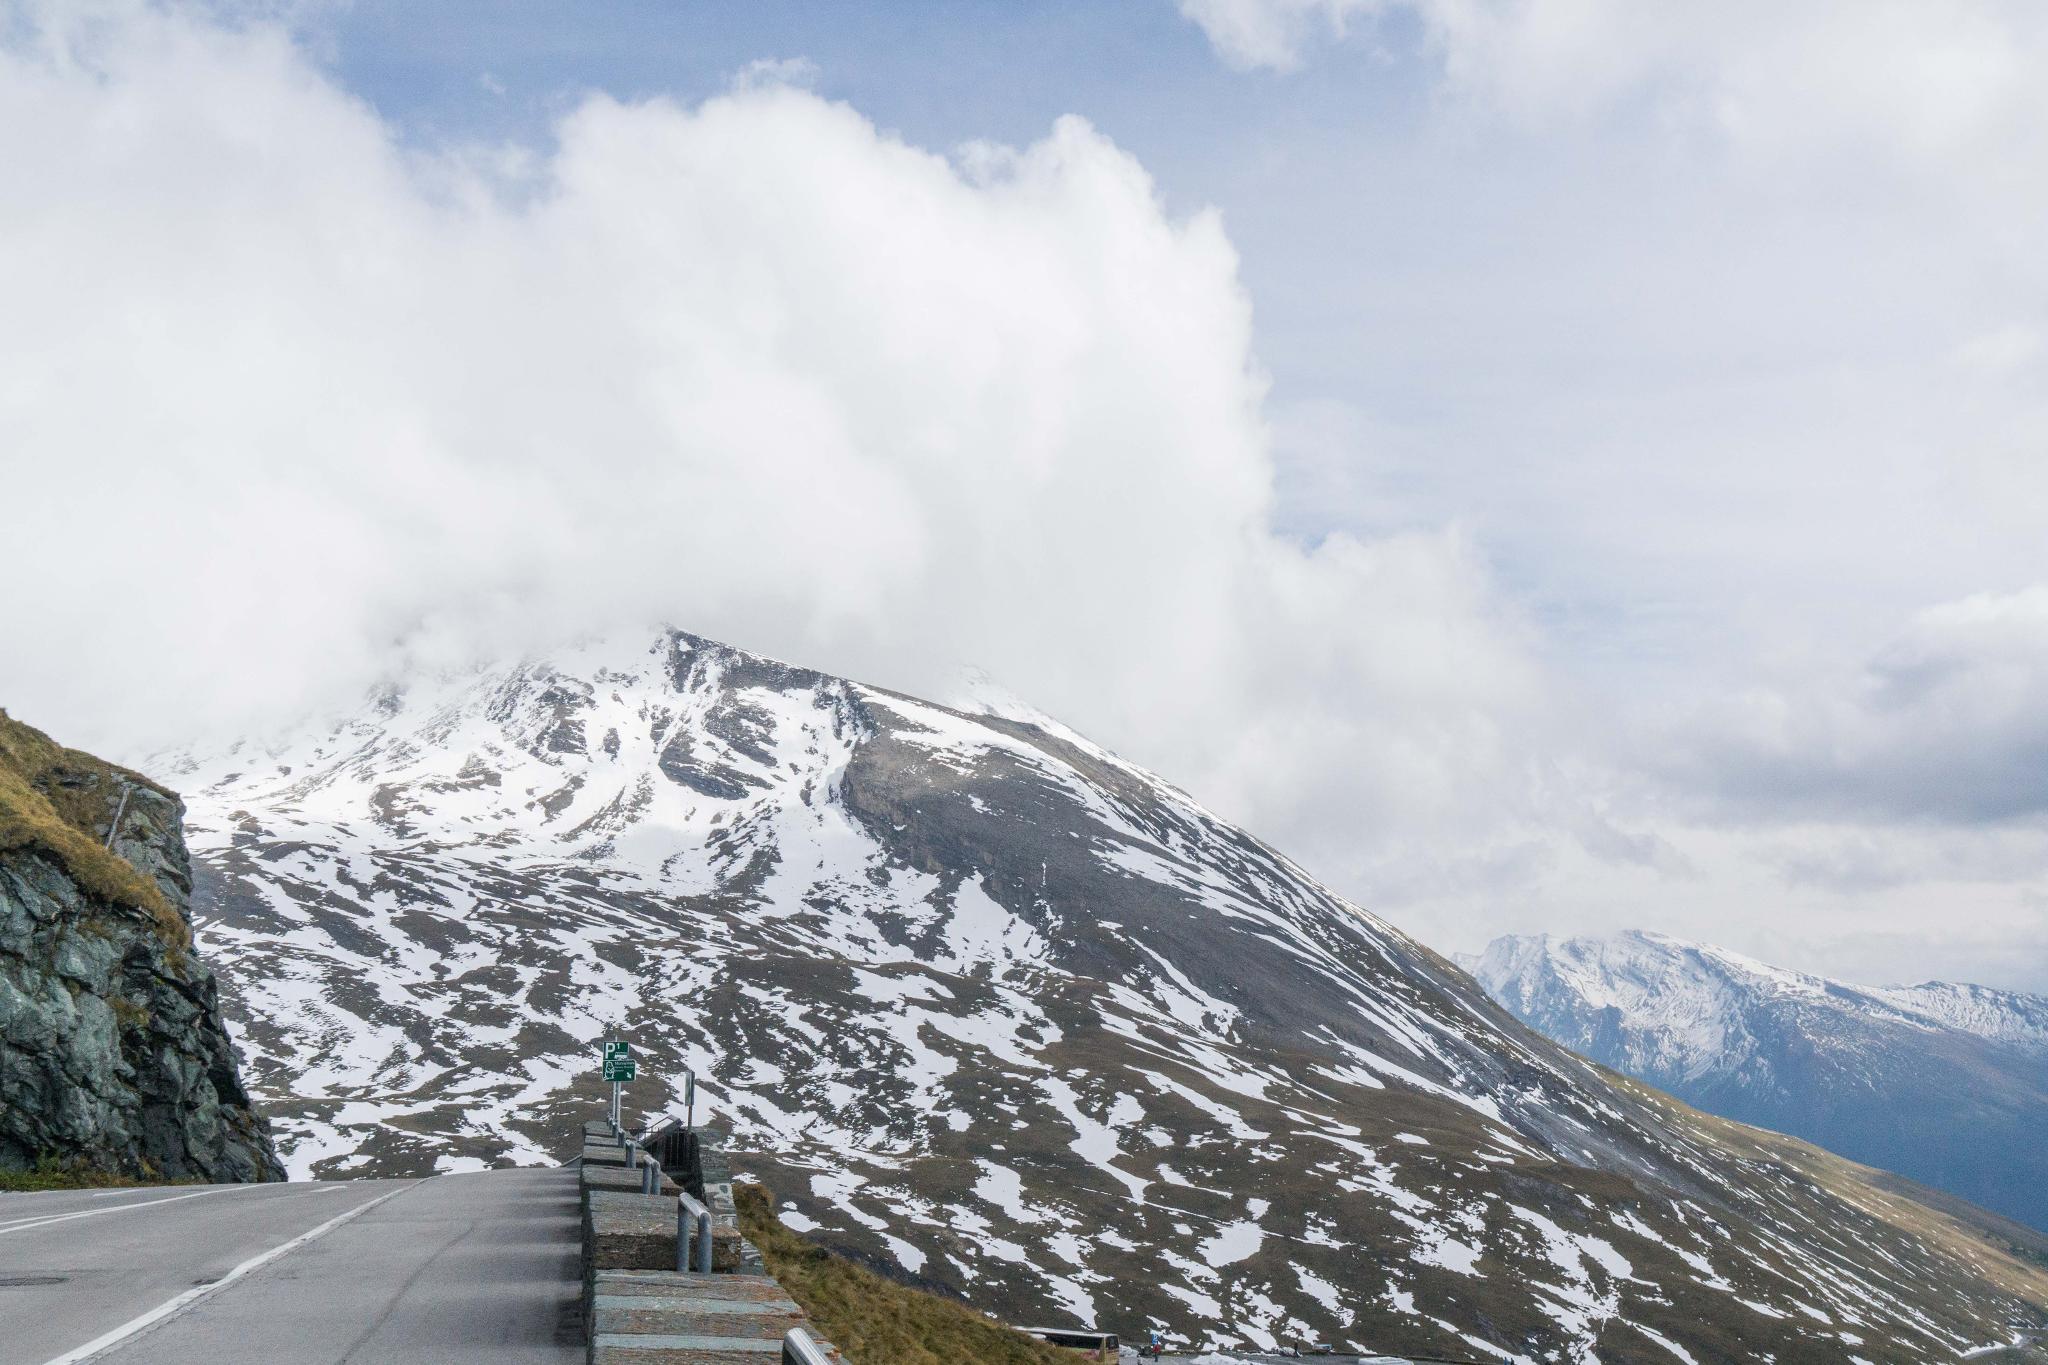 【奧地利】穿越阿爾卑斯之巔 — 奧地利大鐘山冰河公路 (Grossglockner High Alpine Road) 36